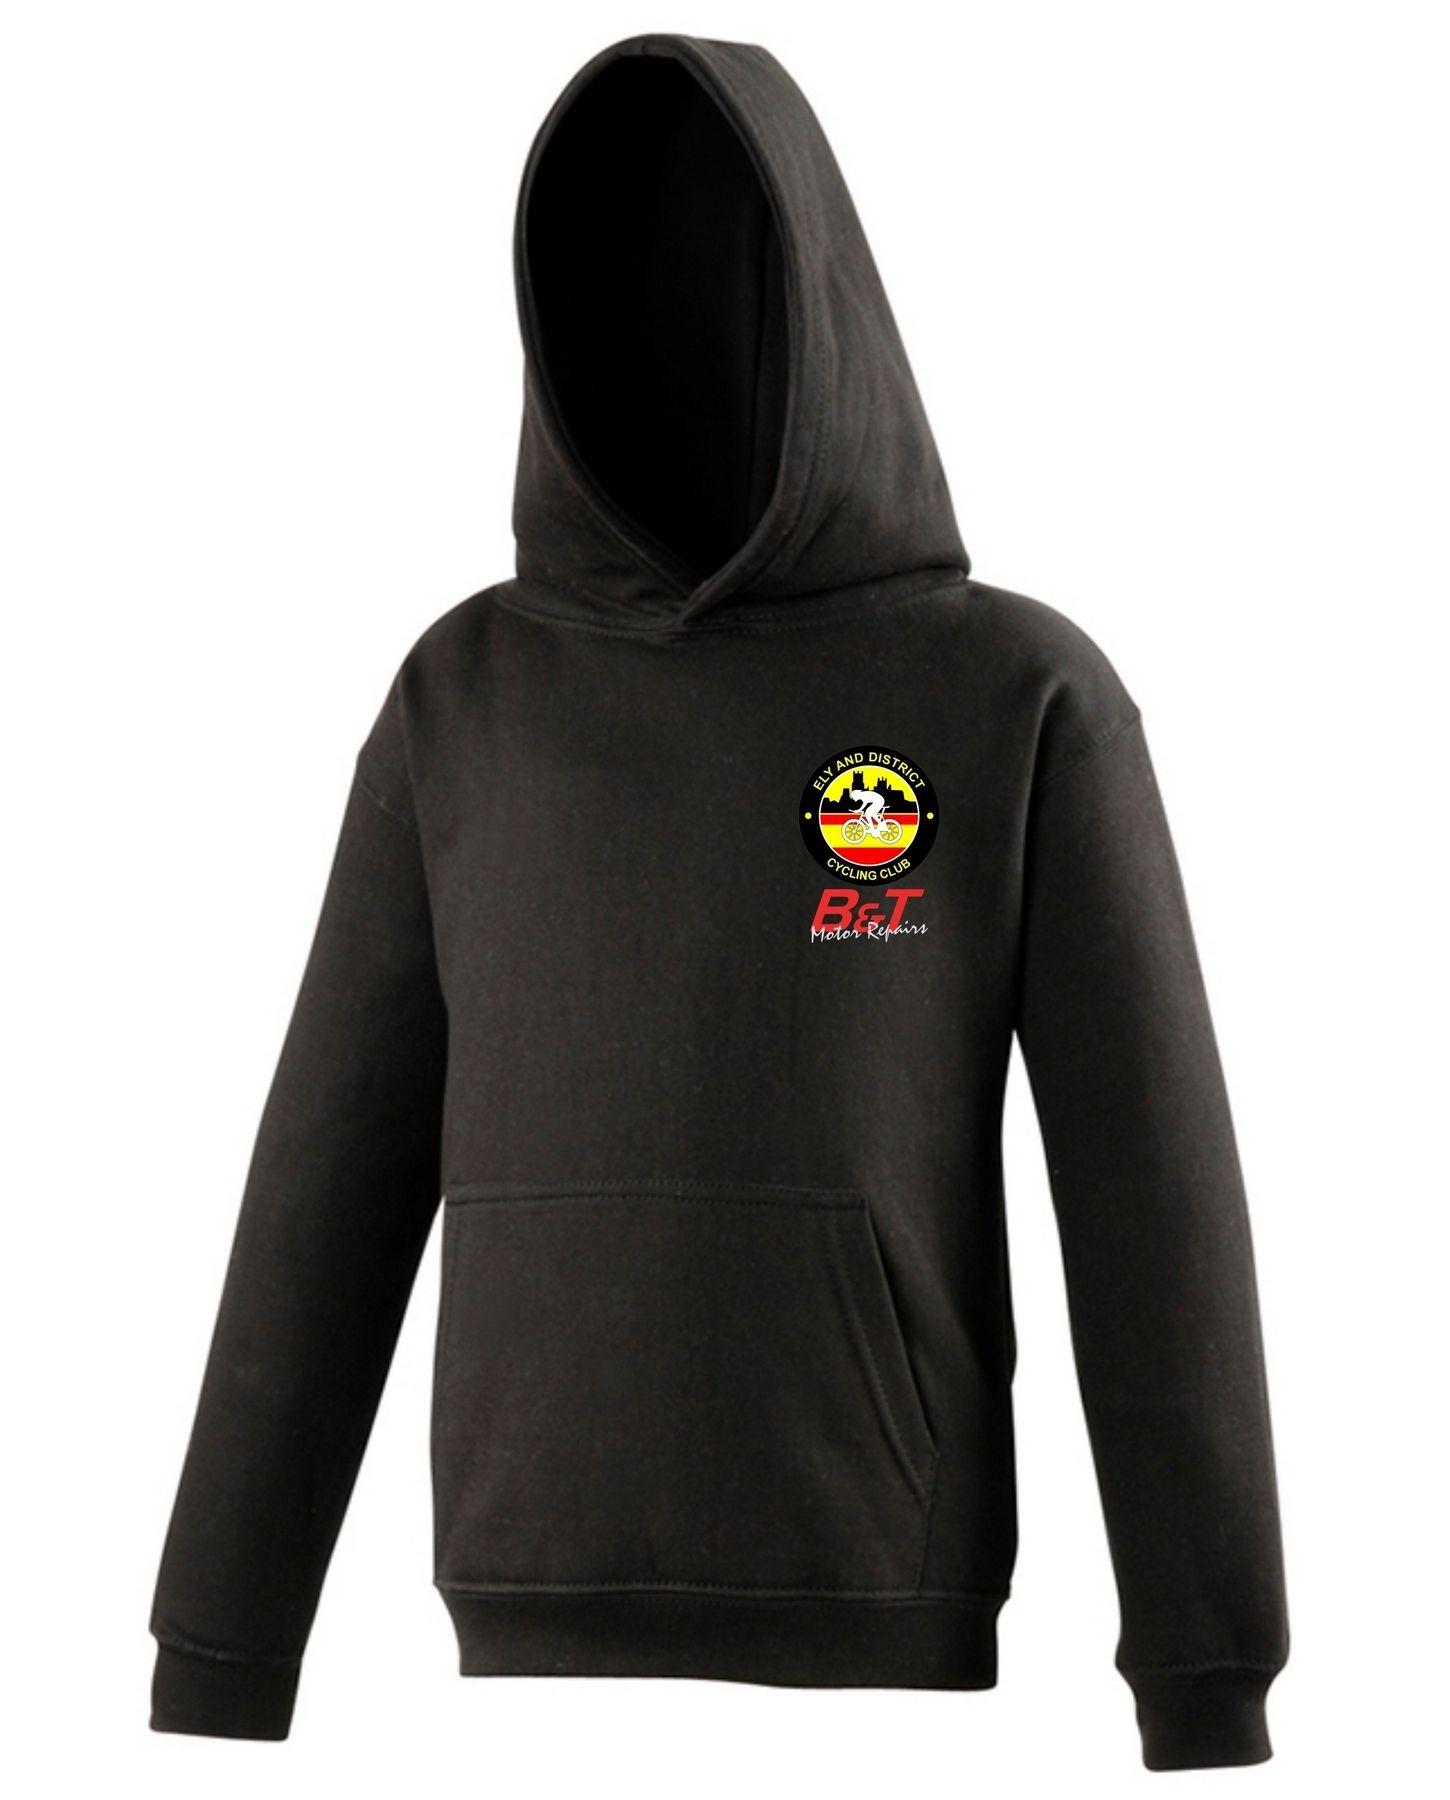 EDCC – Kids Hoodie in Black